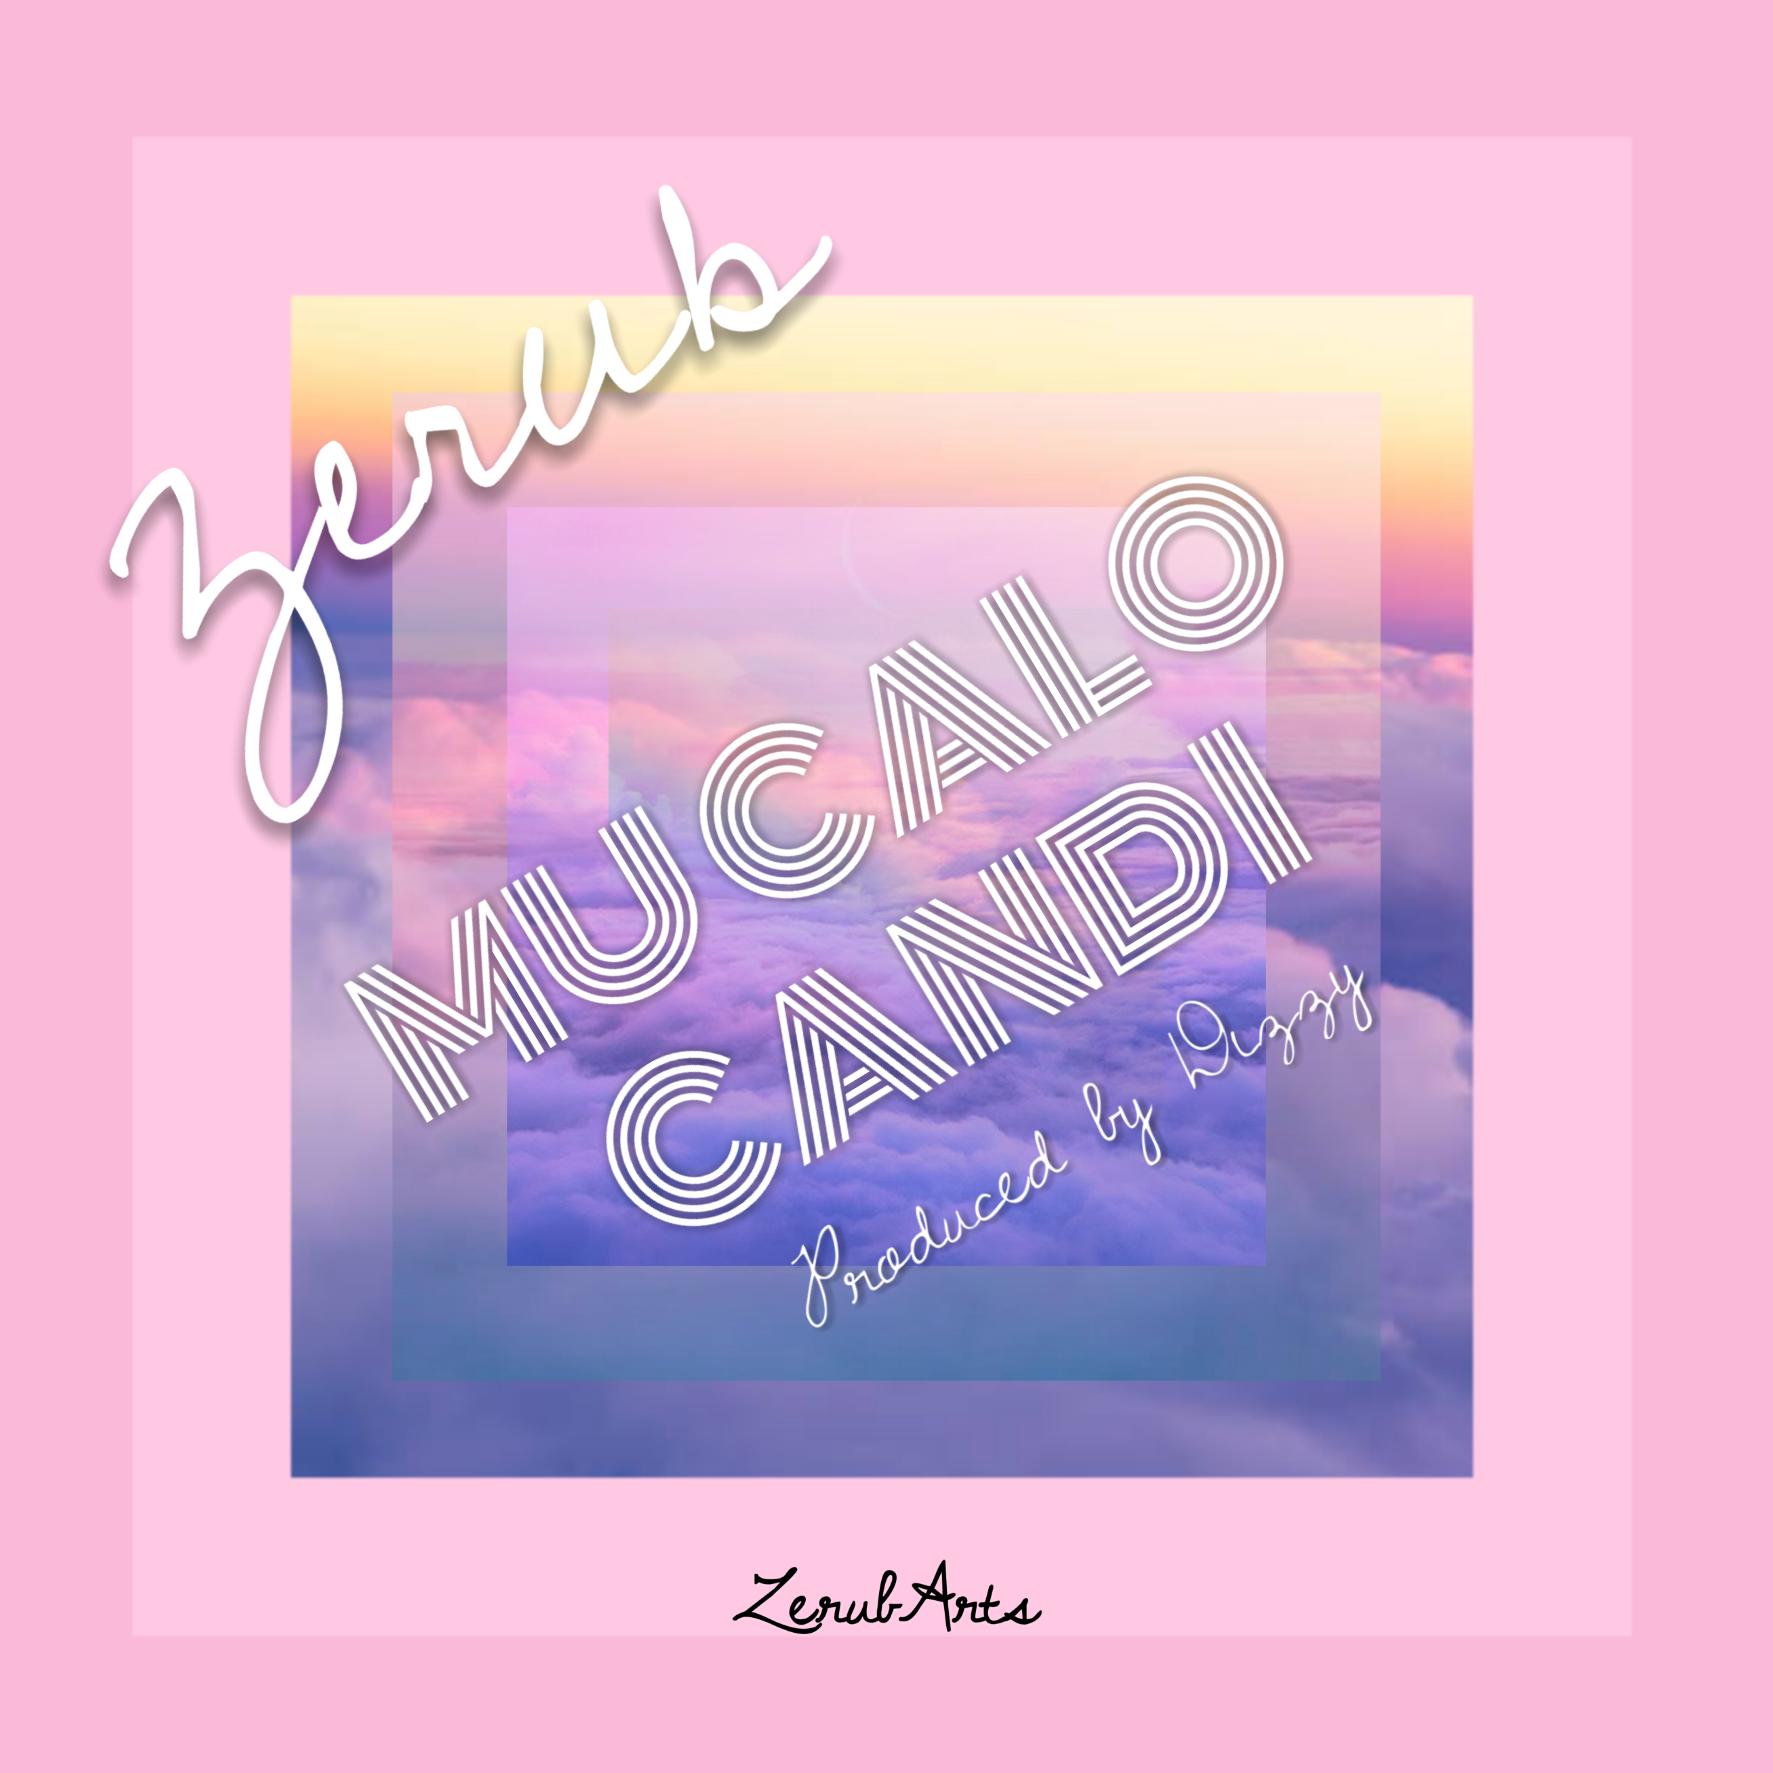 Zerub Exodus